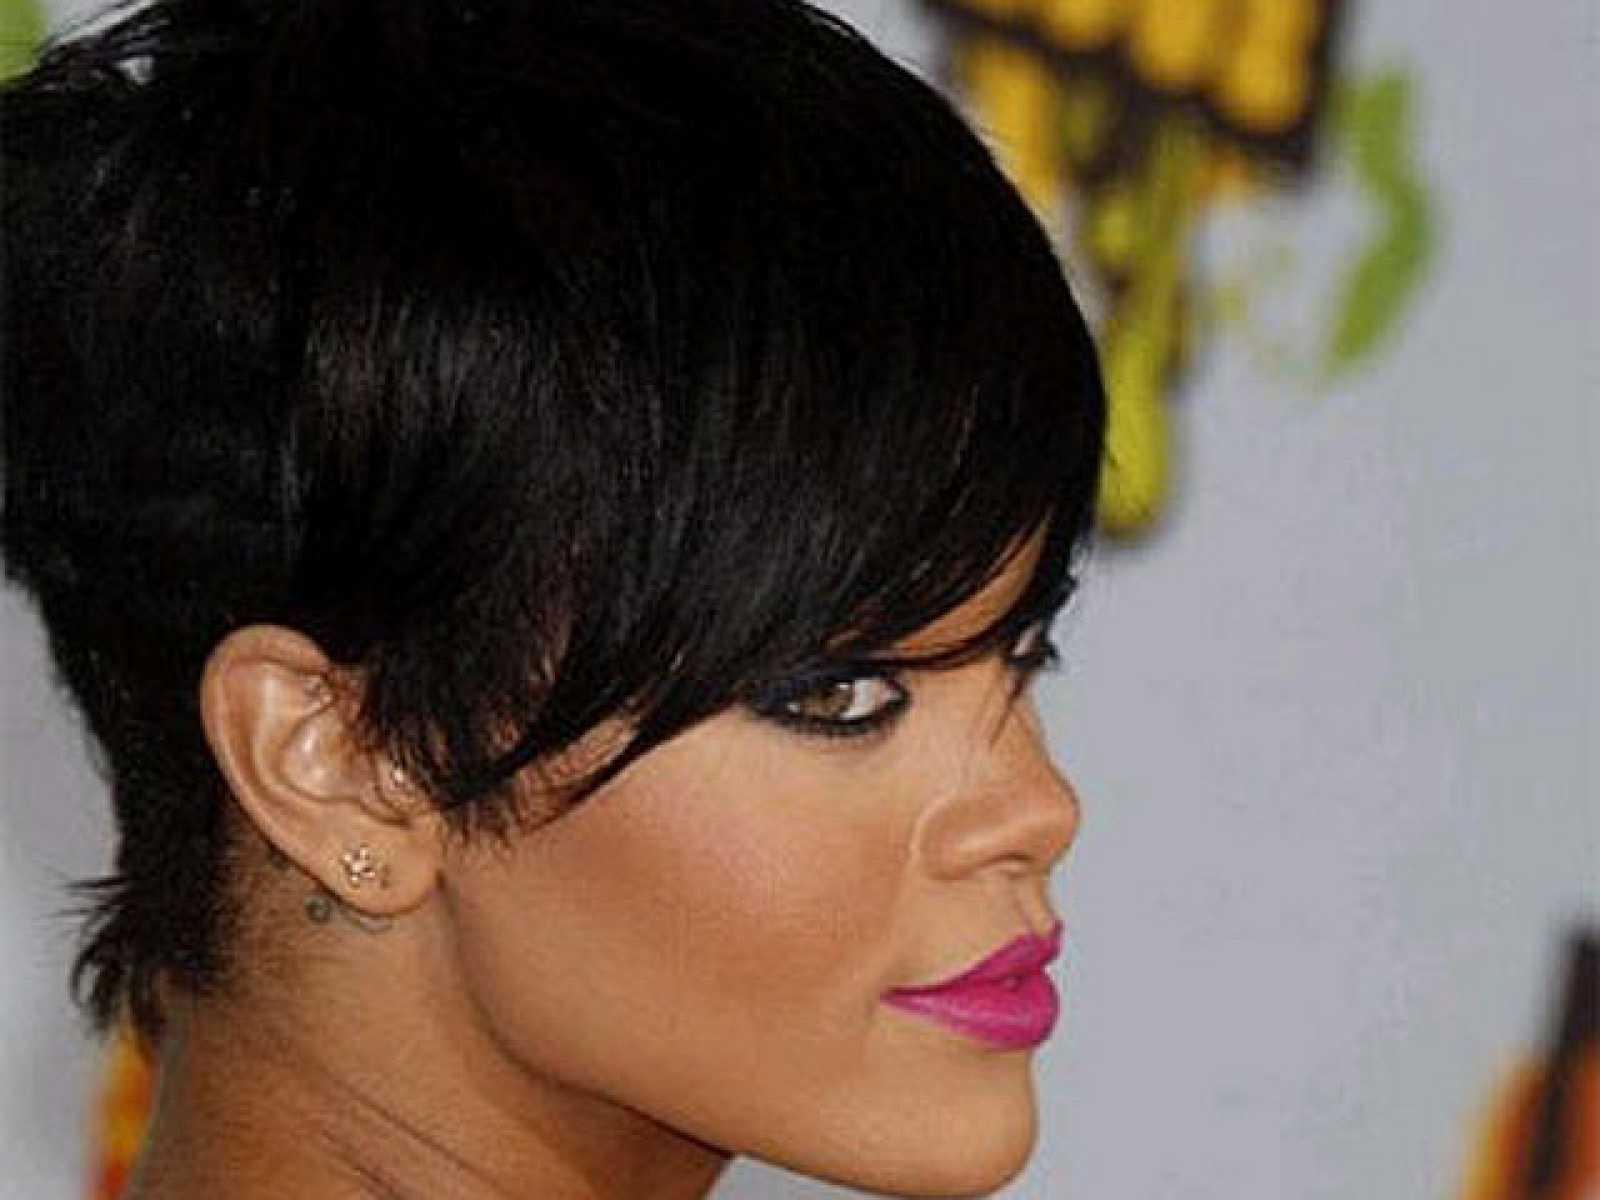 Perfil de la cantante Rihanna